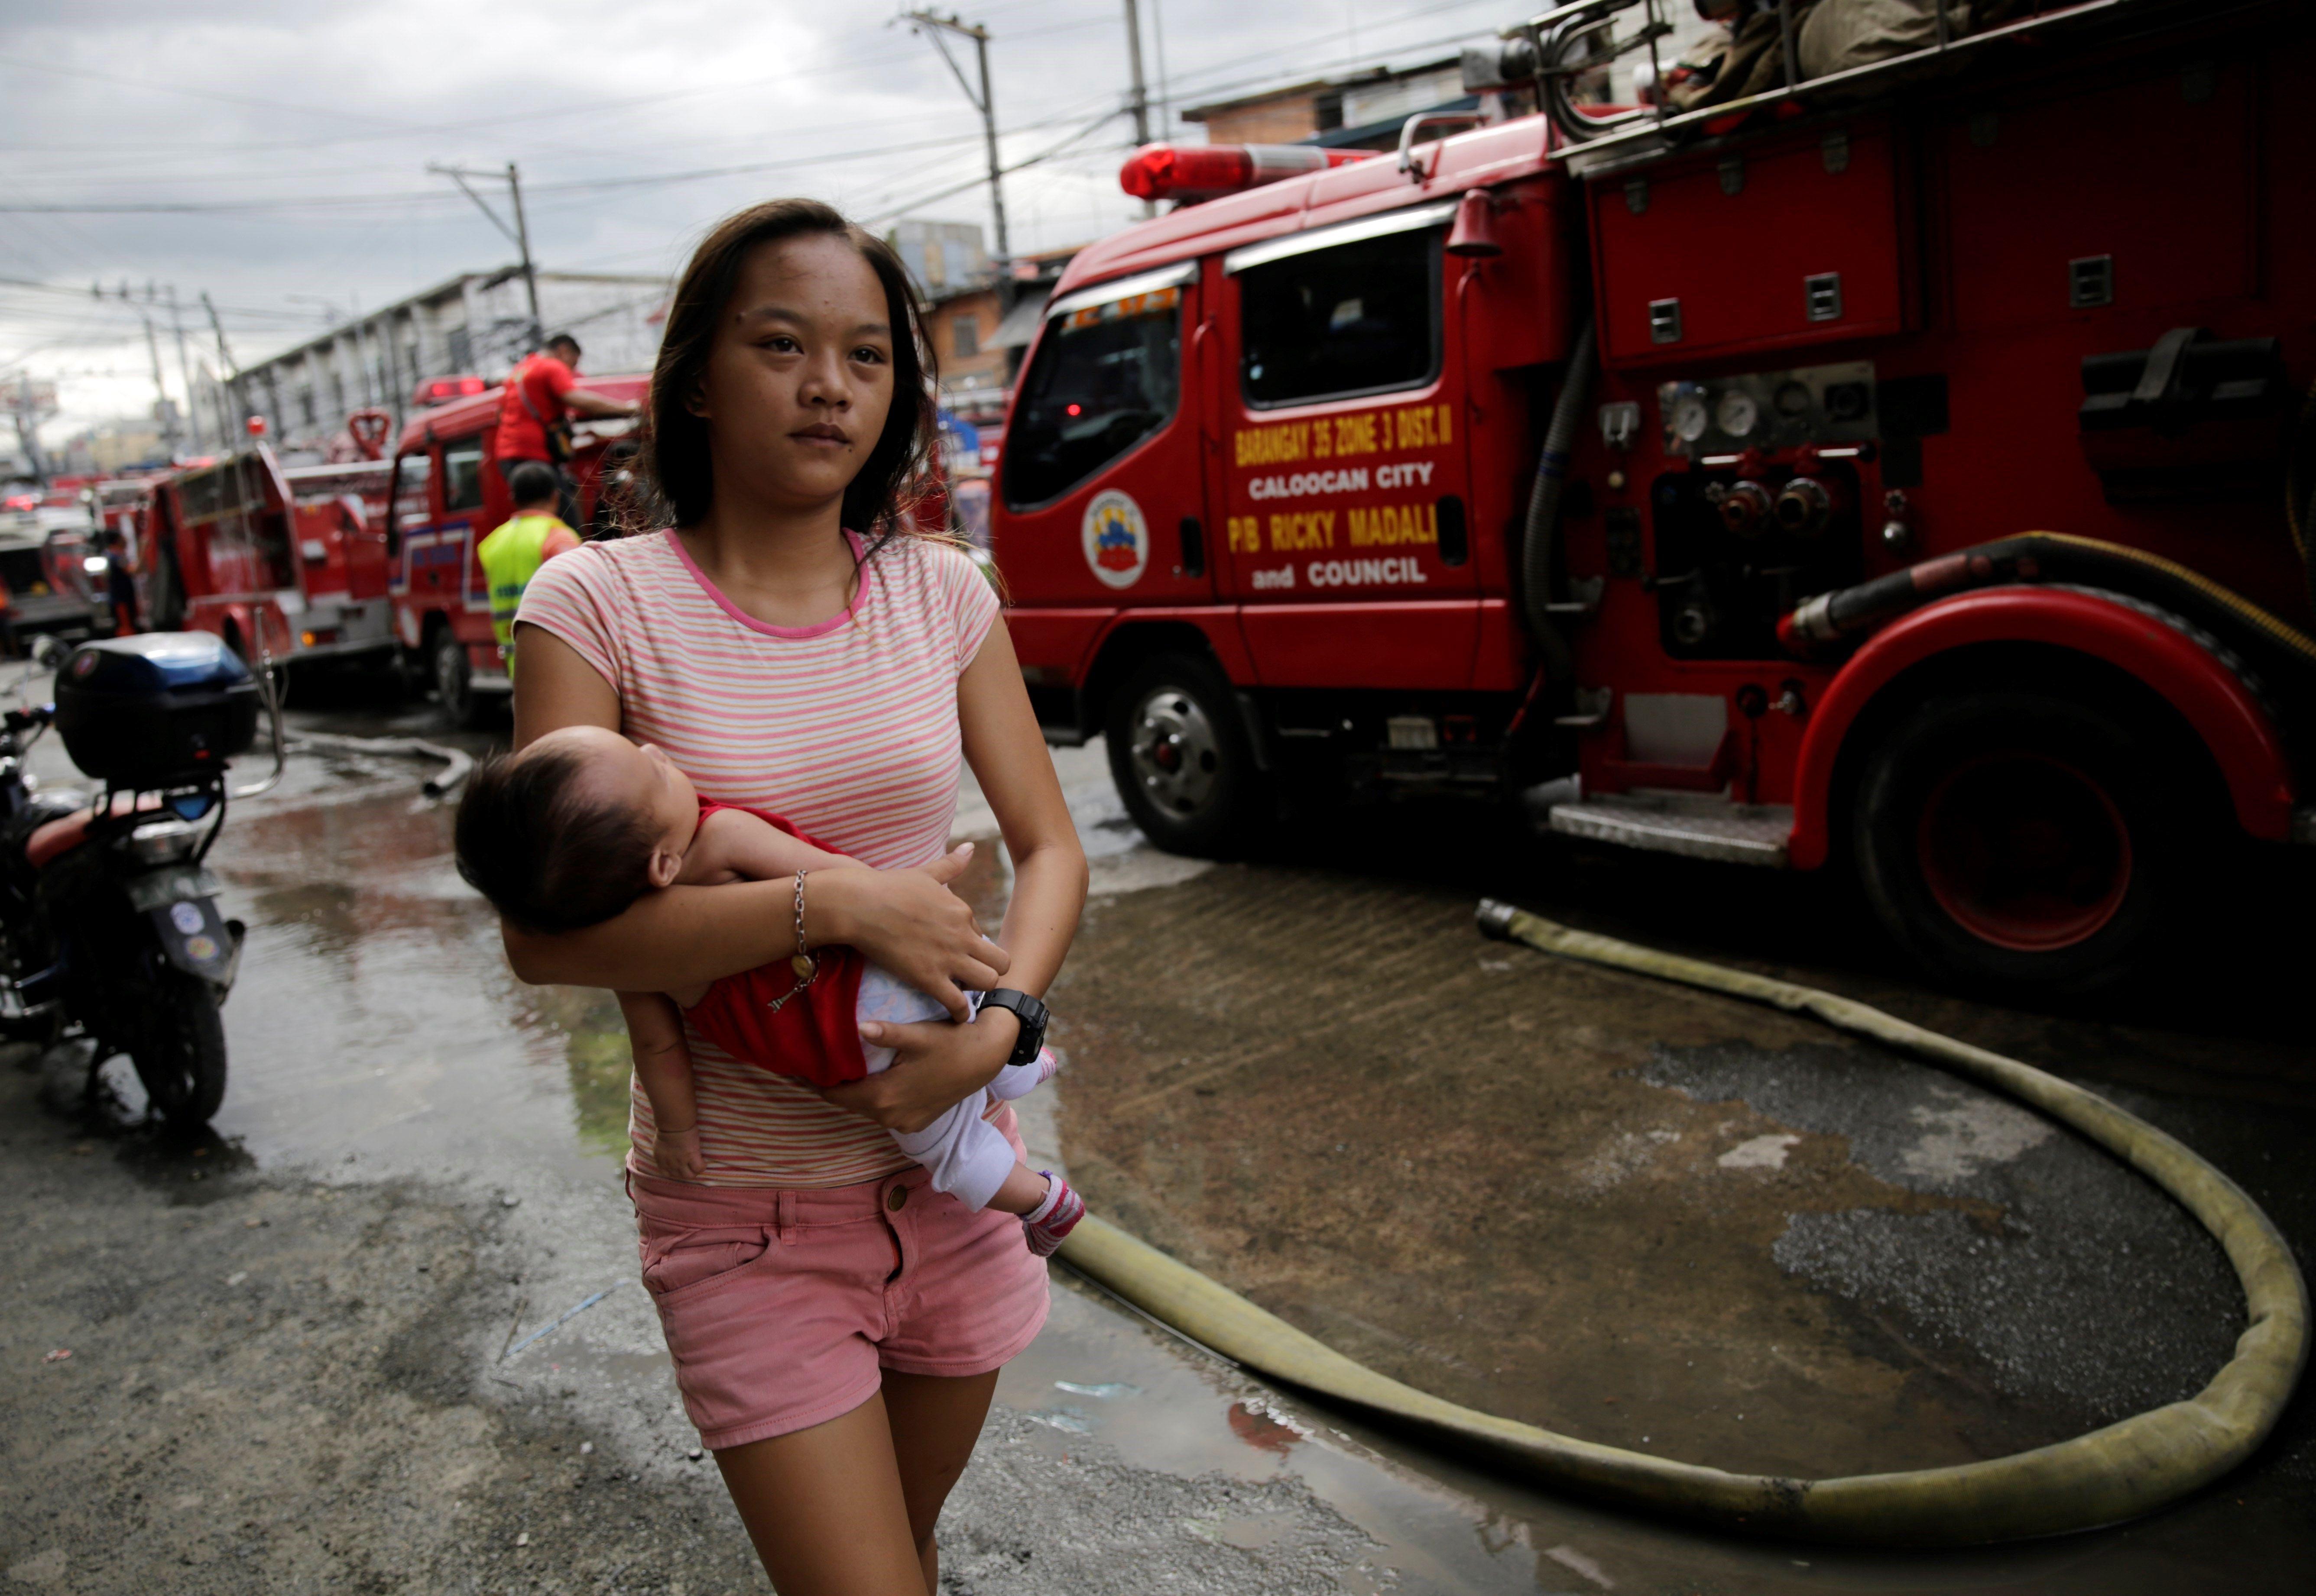 Una dona porta en braços el seu bebè a la zona d'un incendi de l'àrea residencial de Manila (Filipines) on s'han cremat almanco 100 habitatges. / FRANCIS R. MALASIG